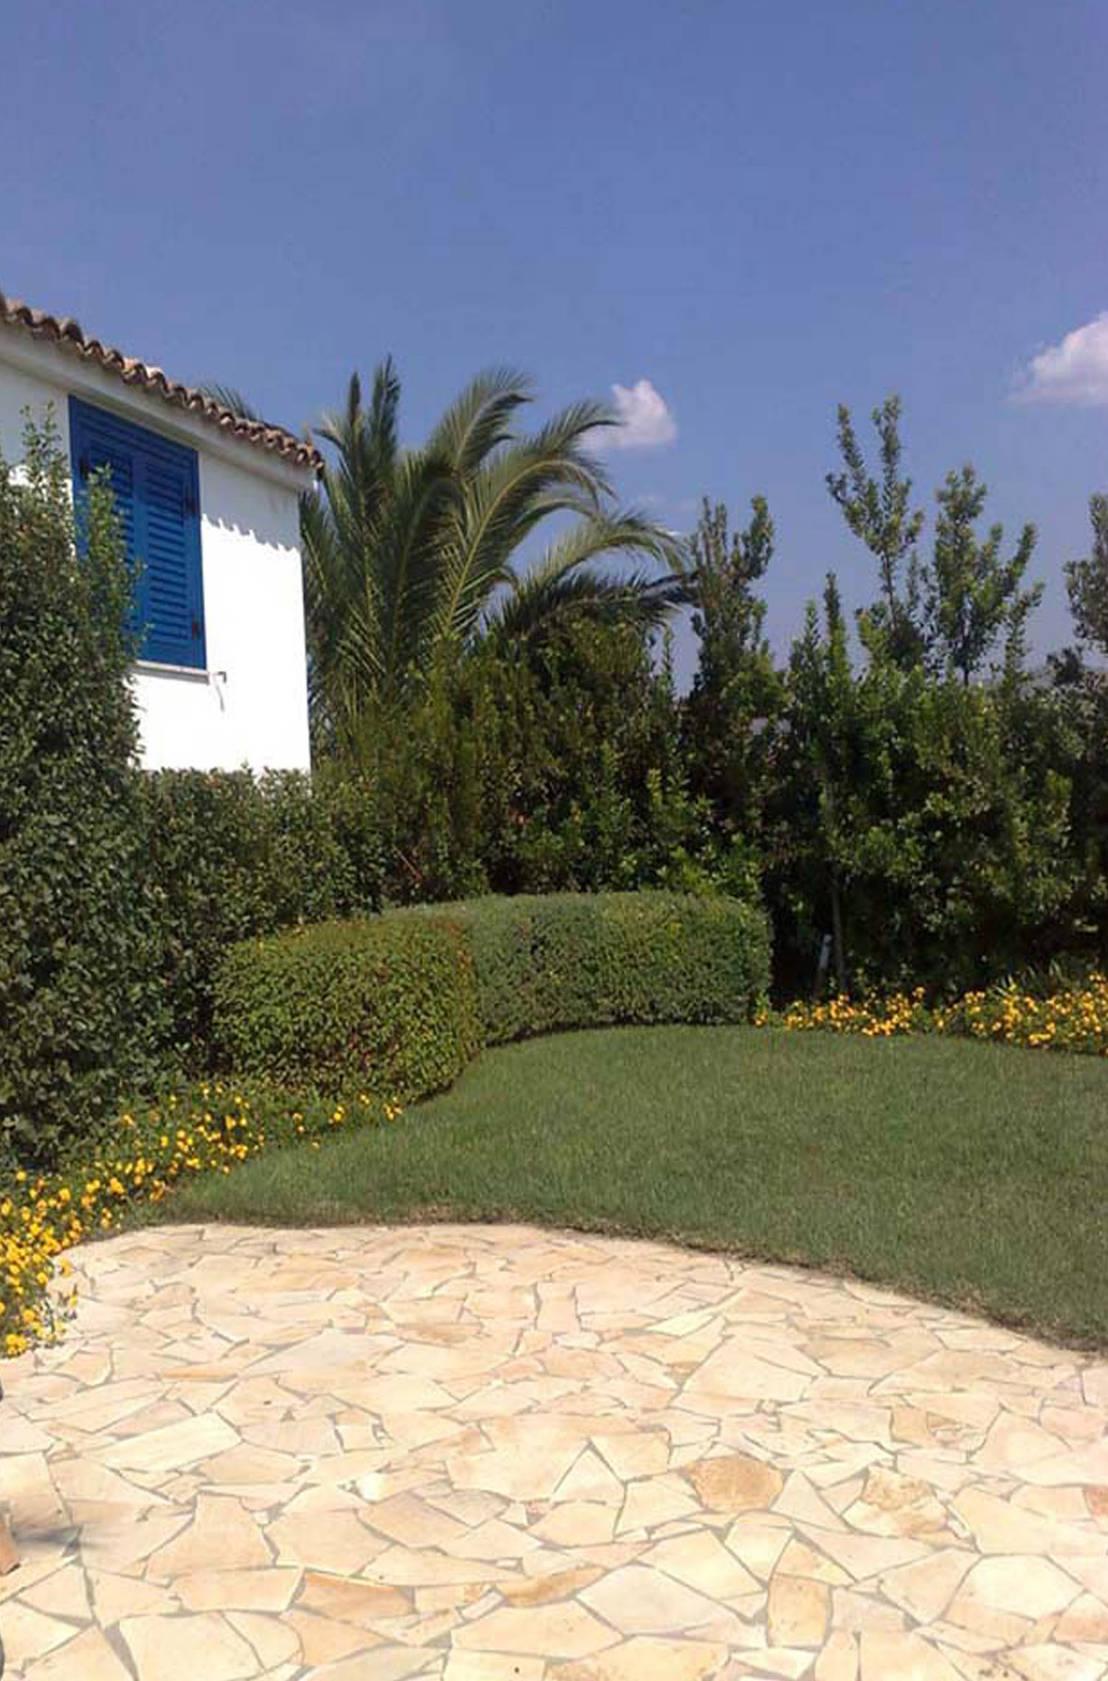 Parco privato catania de spazio av architettura verde for Architettura verde